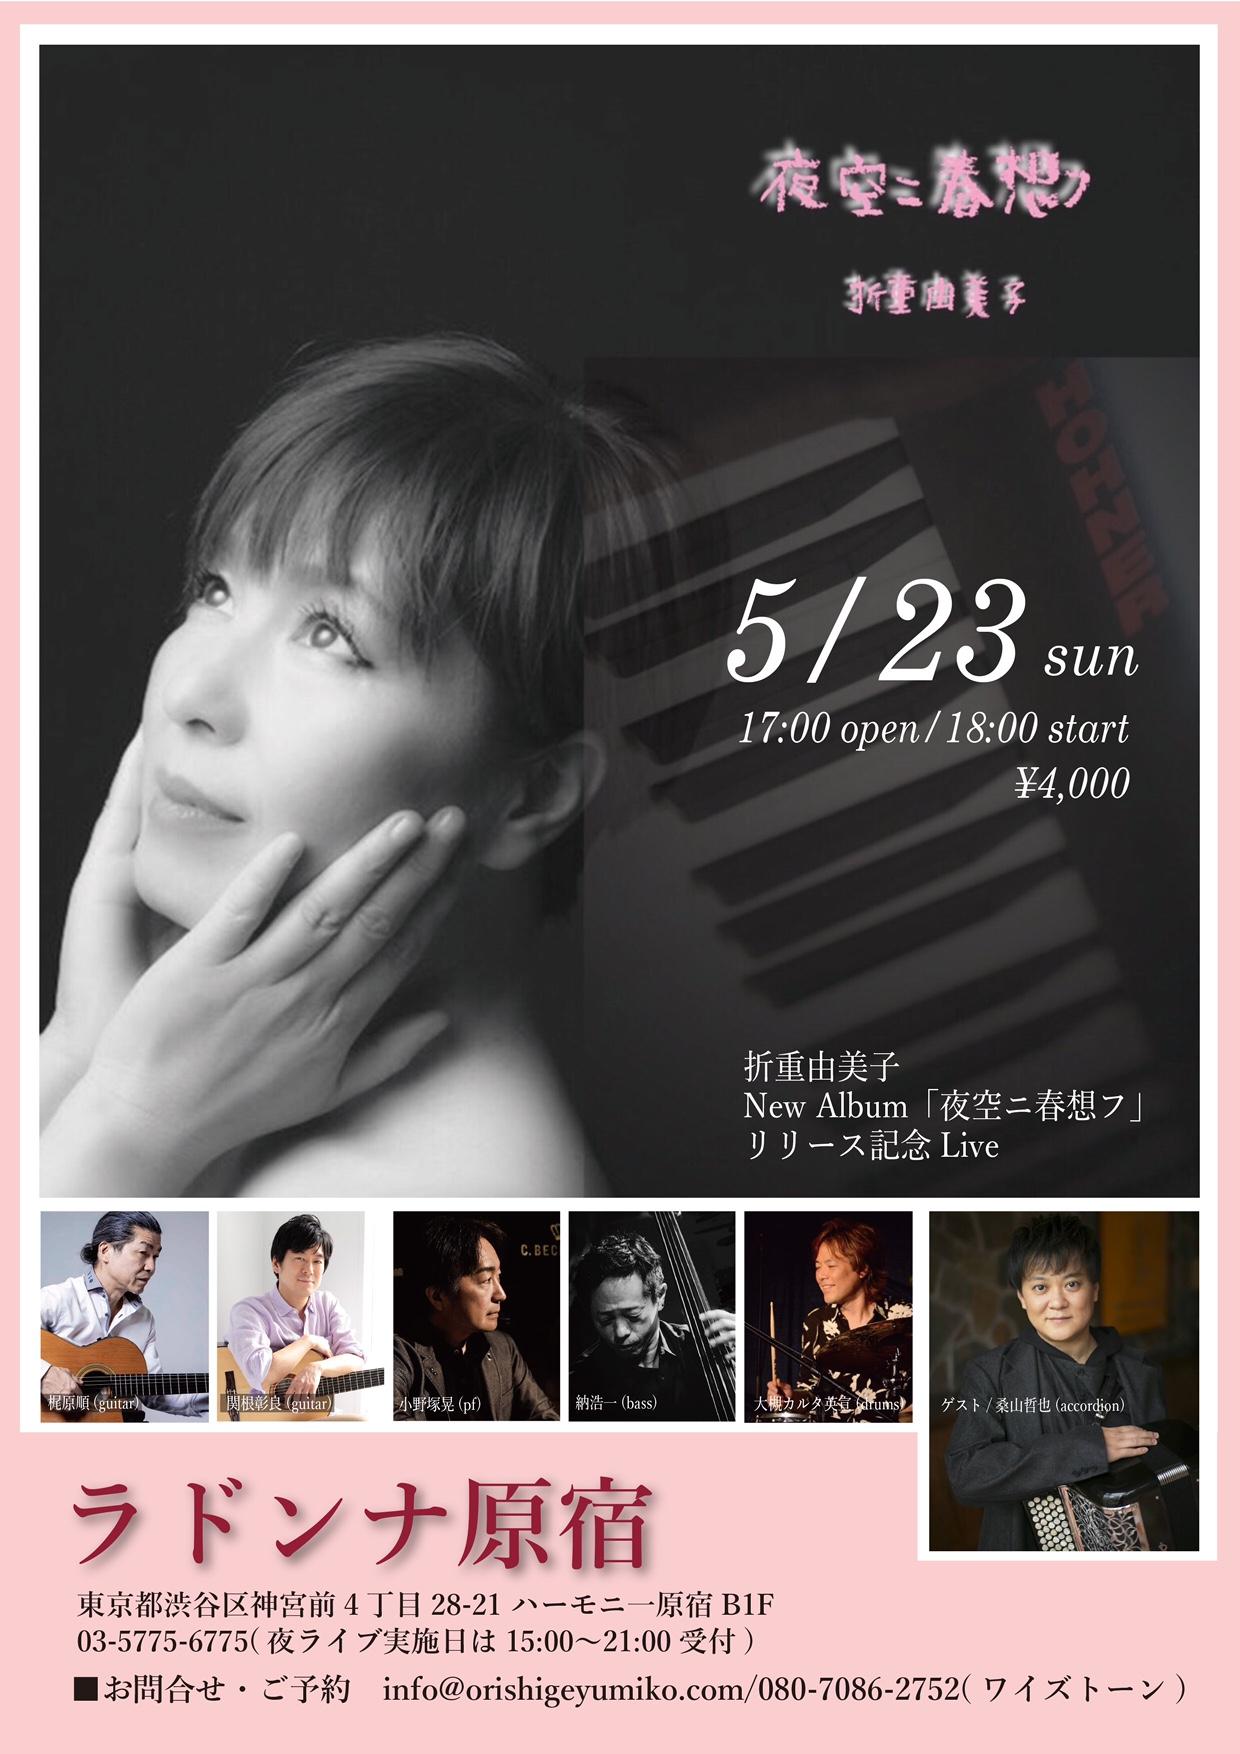 【7/17へ公演延期】折重由美子NewAlbum「夜空ニ春想フ」リリース記念Live